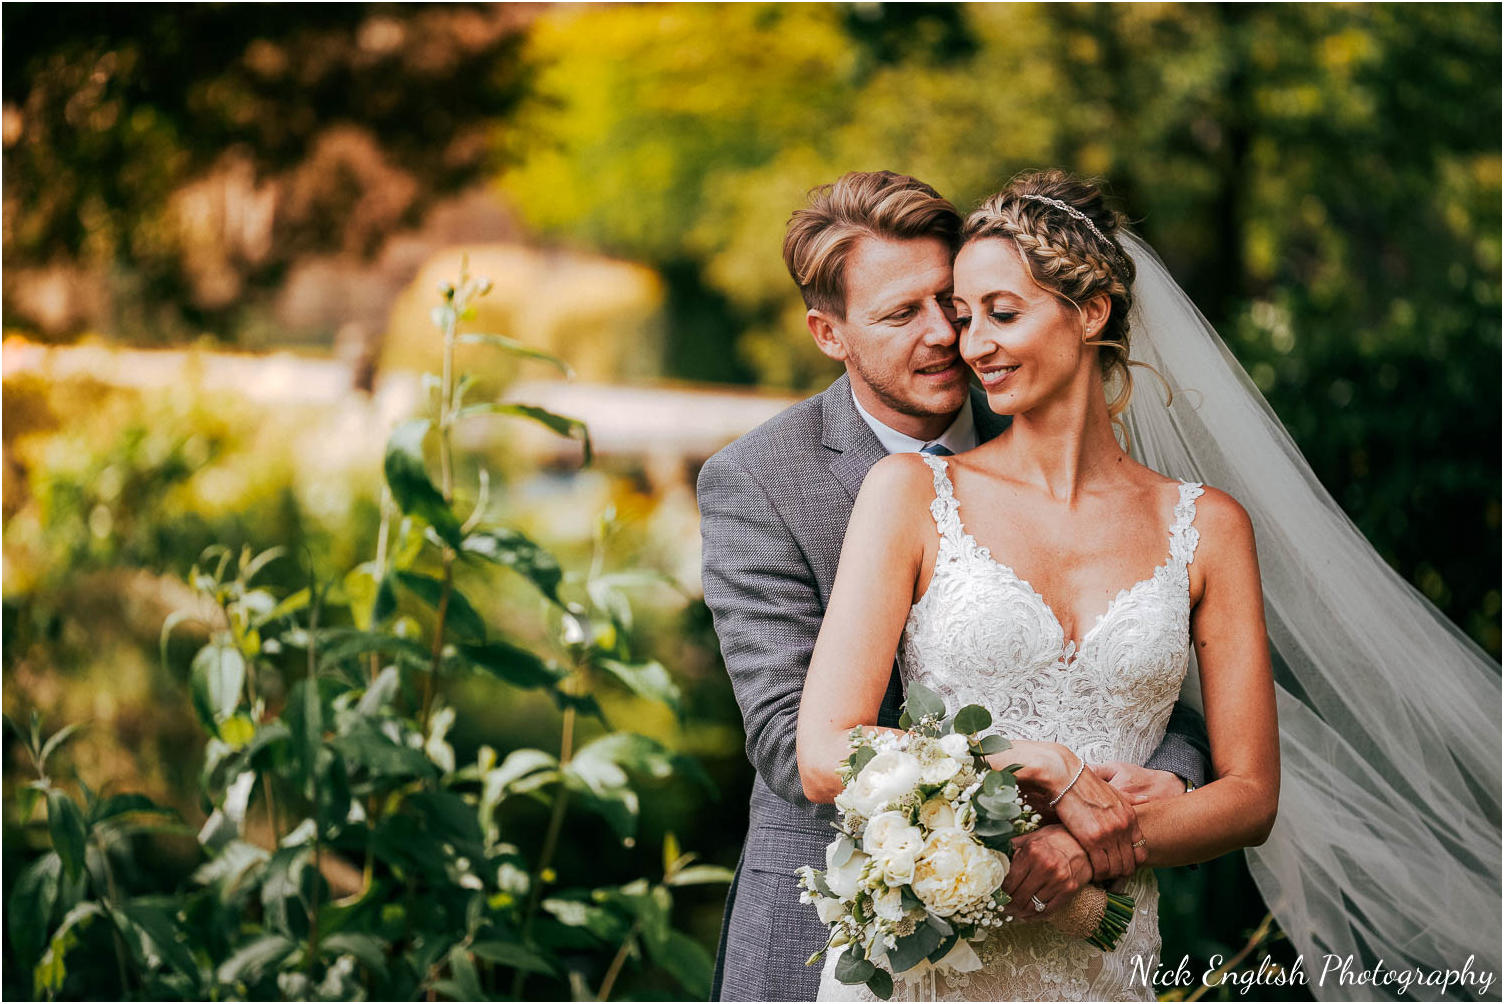 Browsholme_Hall_Tithe_Barn_Wedding_Photographer_Lancashire-73.jpg